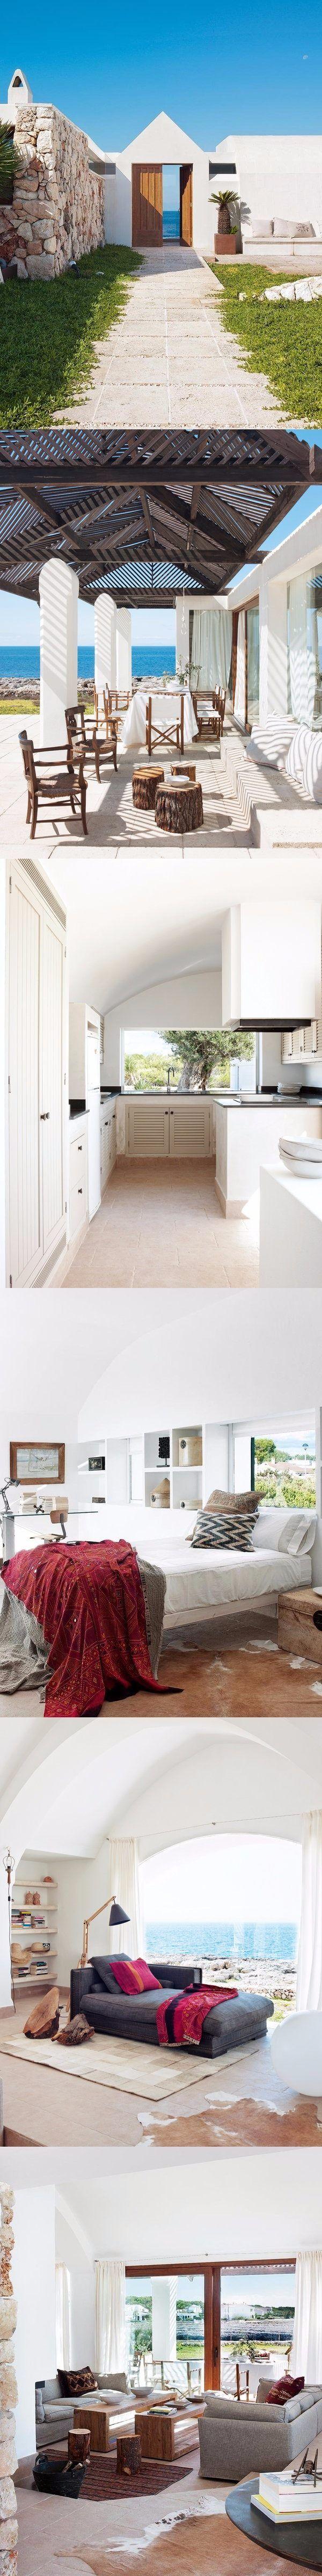 Una casa llena de luz / http://nuevo-estilo.micasarevista.com